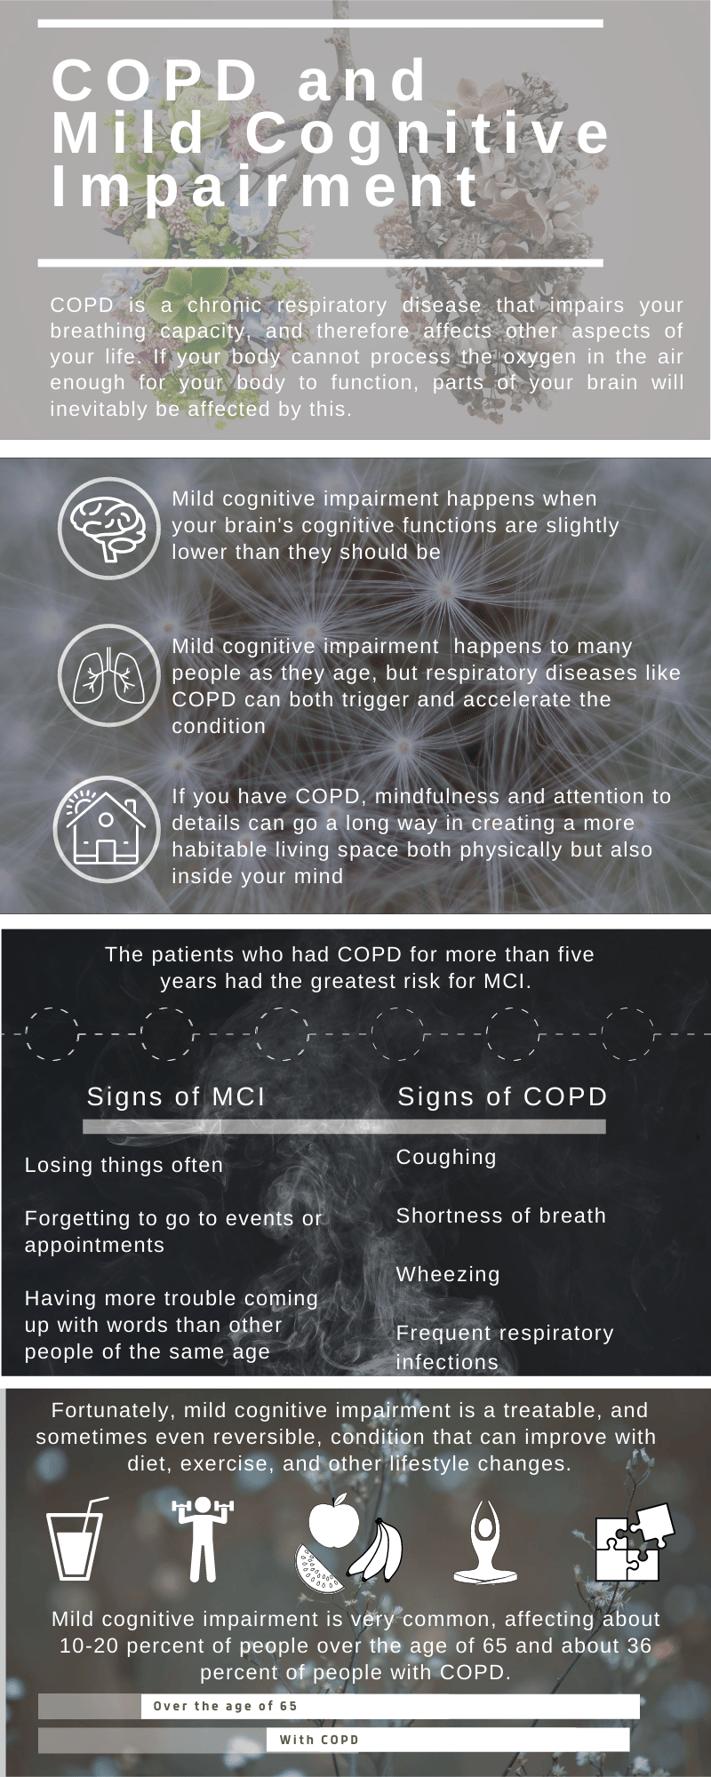 COPD and Mild Cognitive Impairment